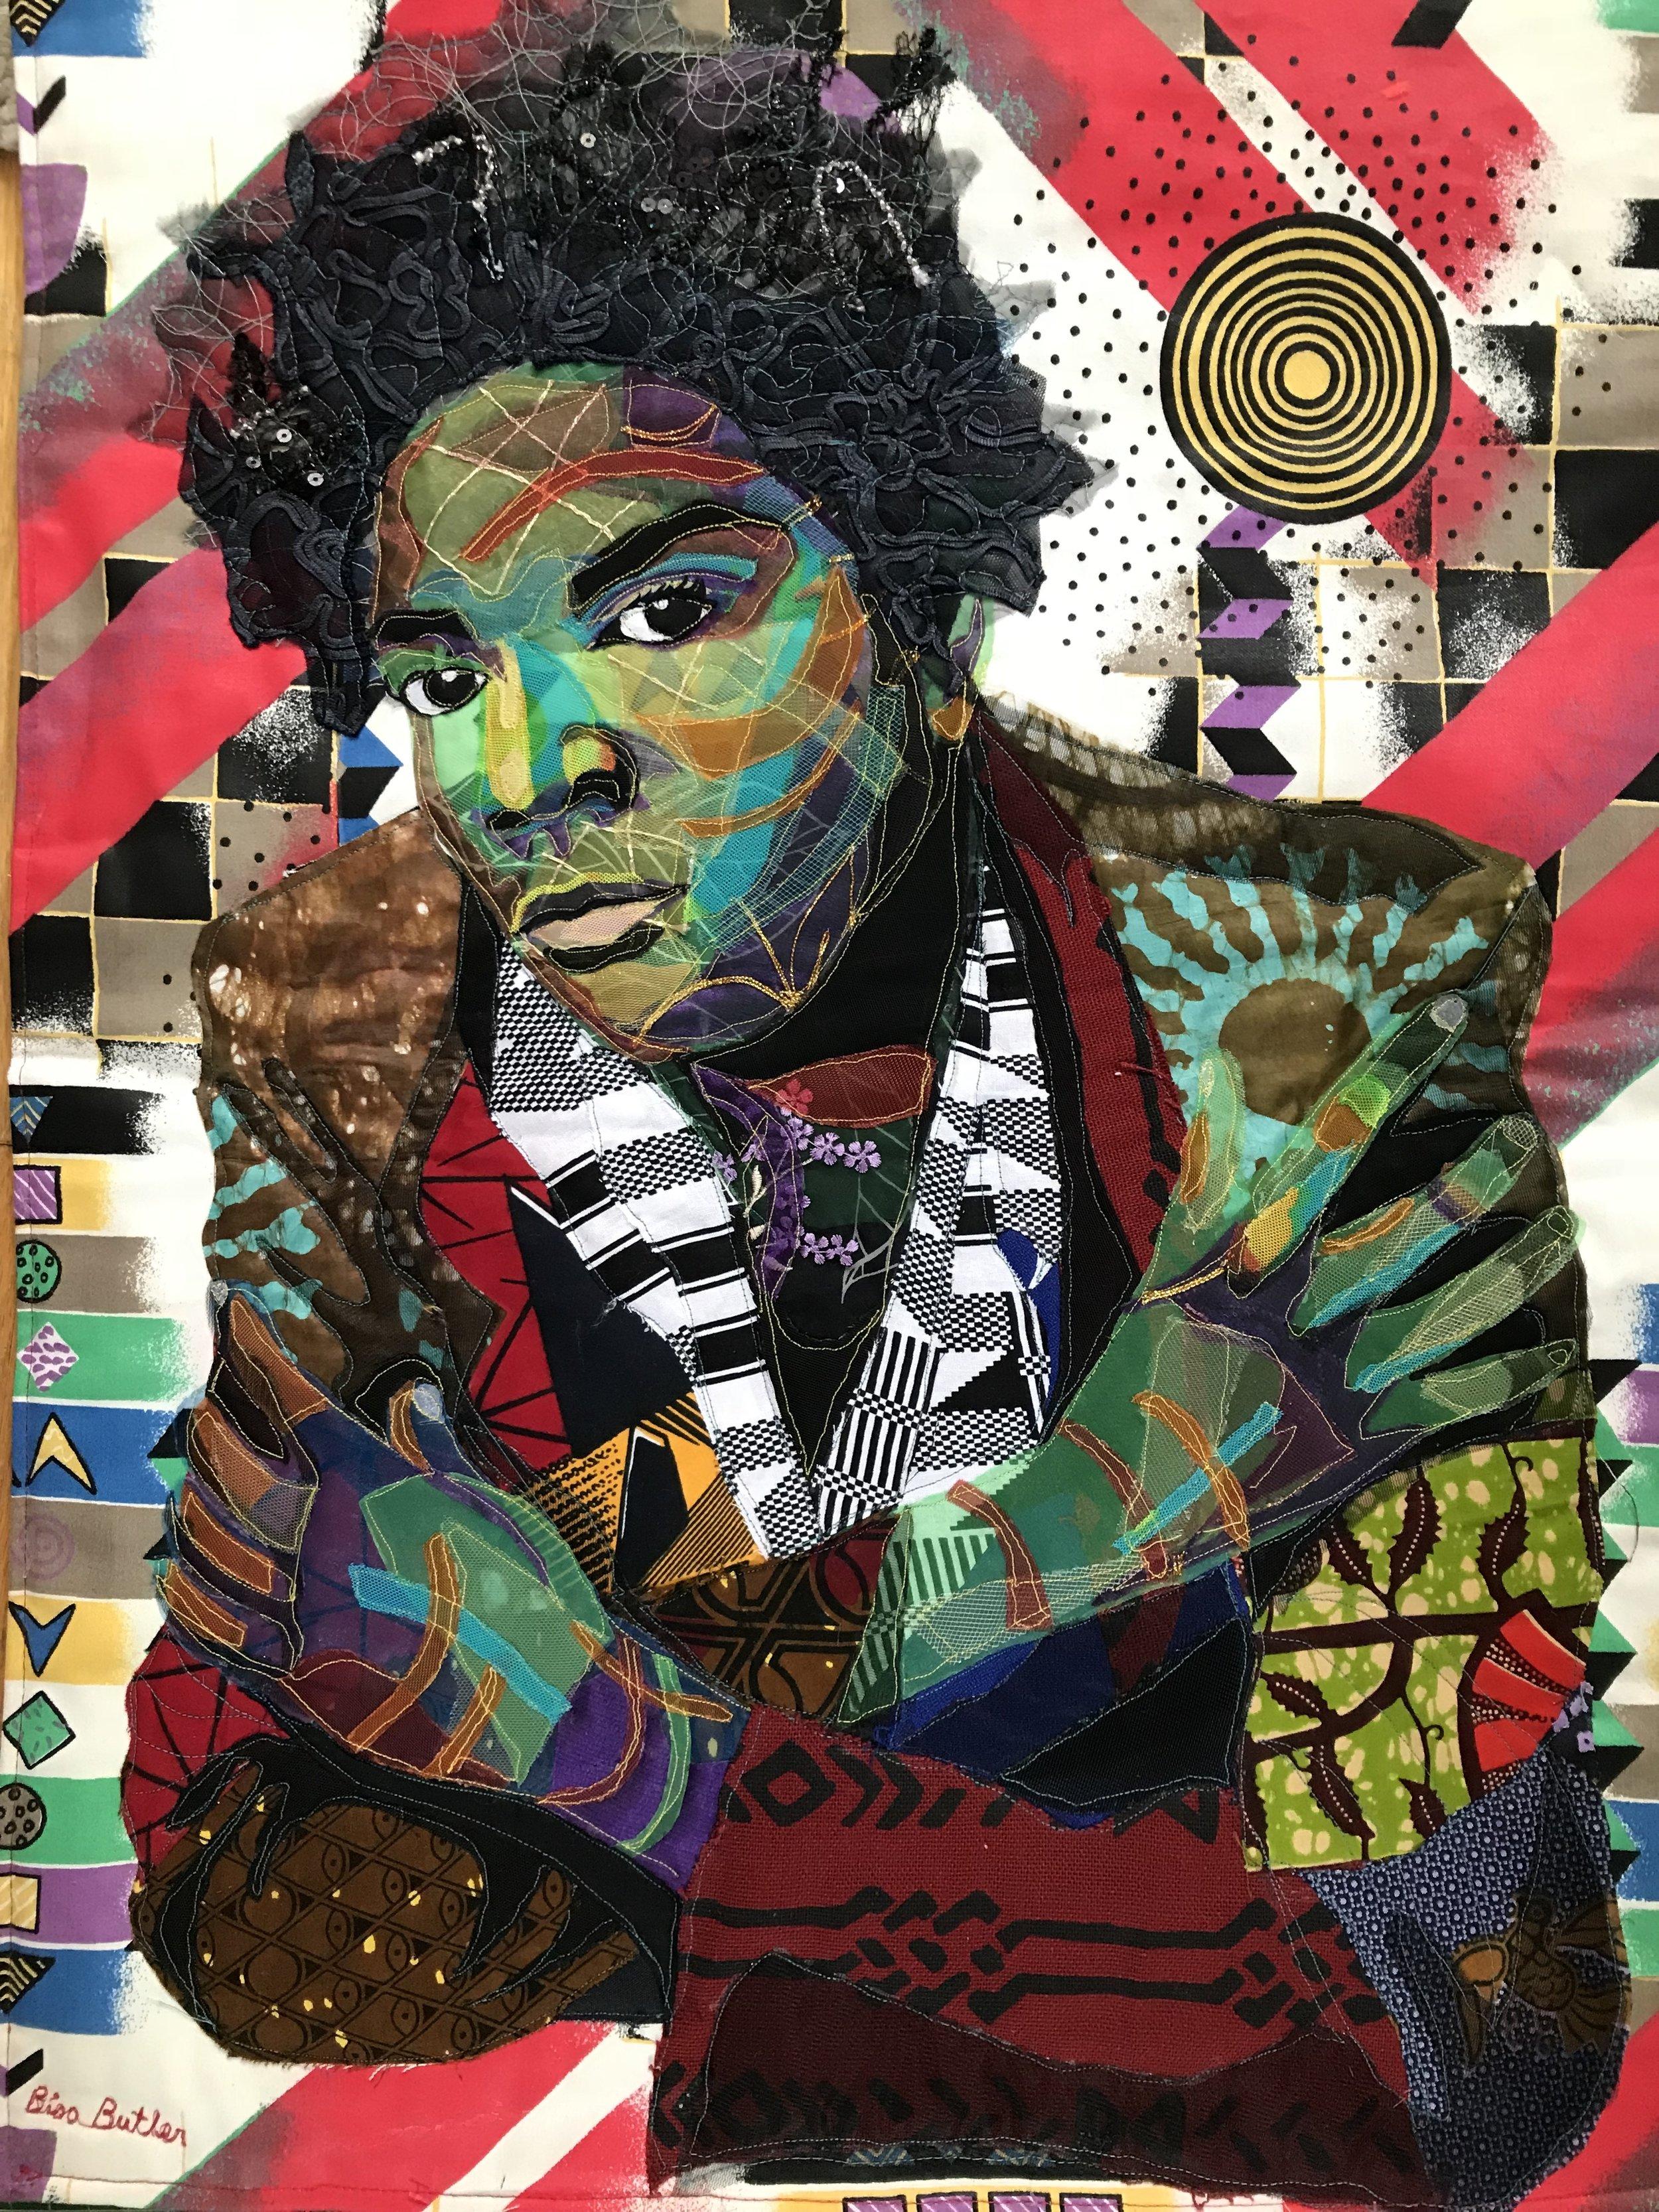 Bisa Butler - Jean Michel Basquiat.jpg